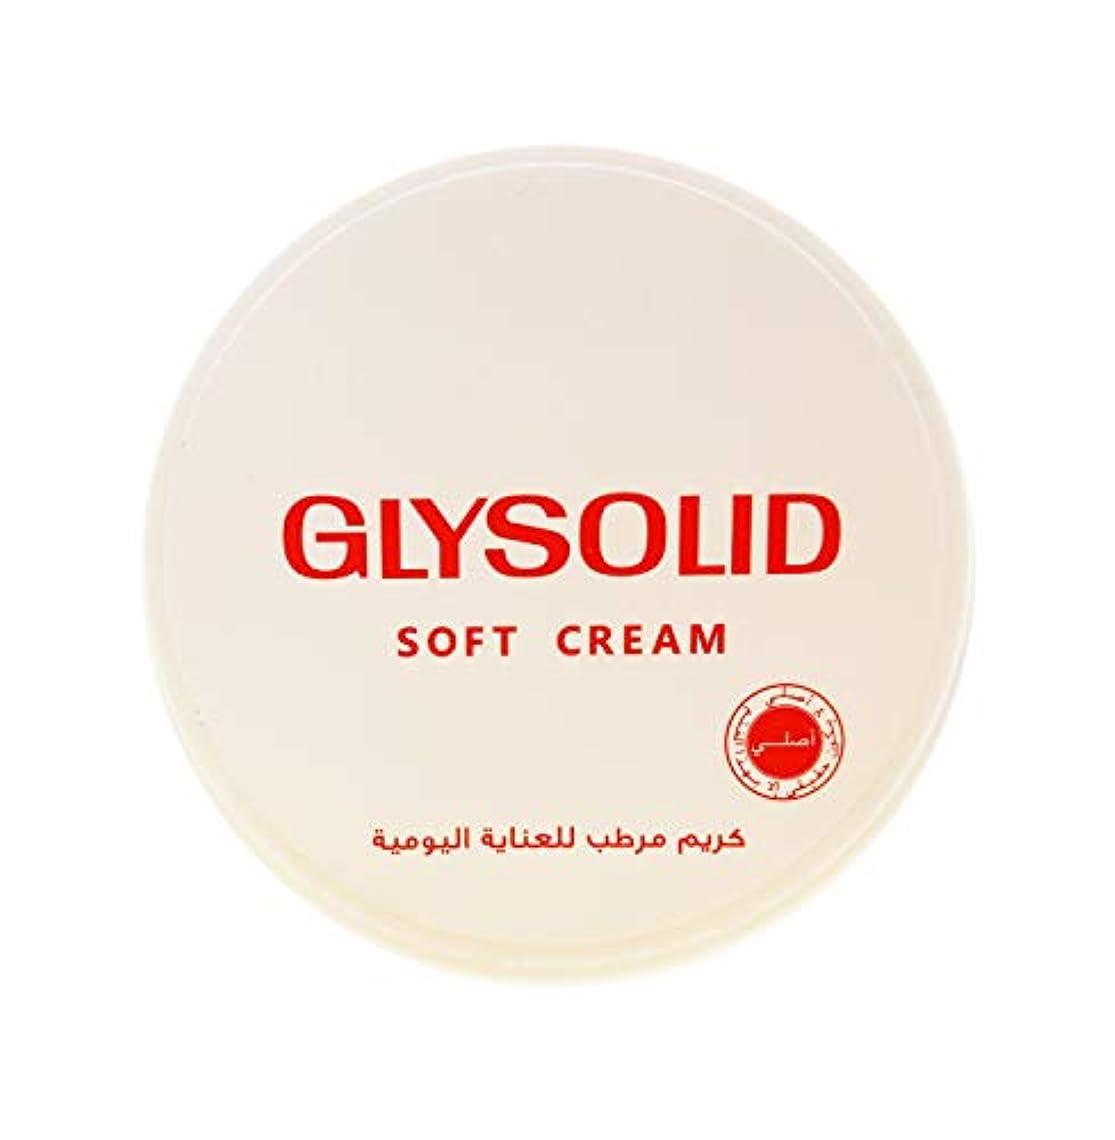 懐疑的説教エンゲージメントGlysolid Soft Cream Moisturizers For Dry Skin Face Hands Feet Elbow Body Softening With Glycerin Keeping Your...